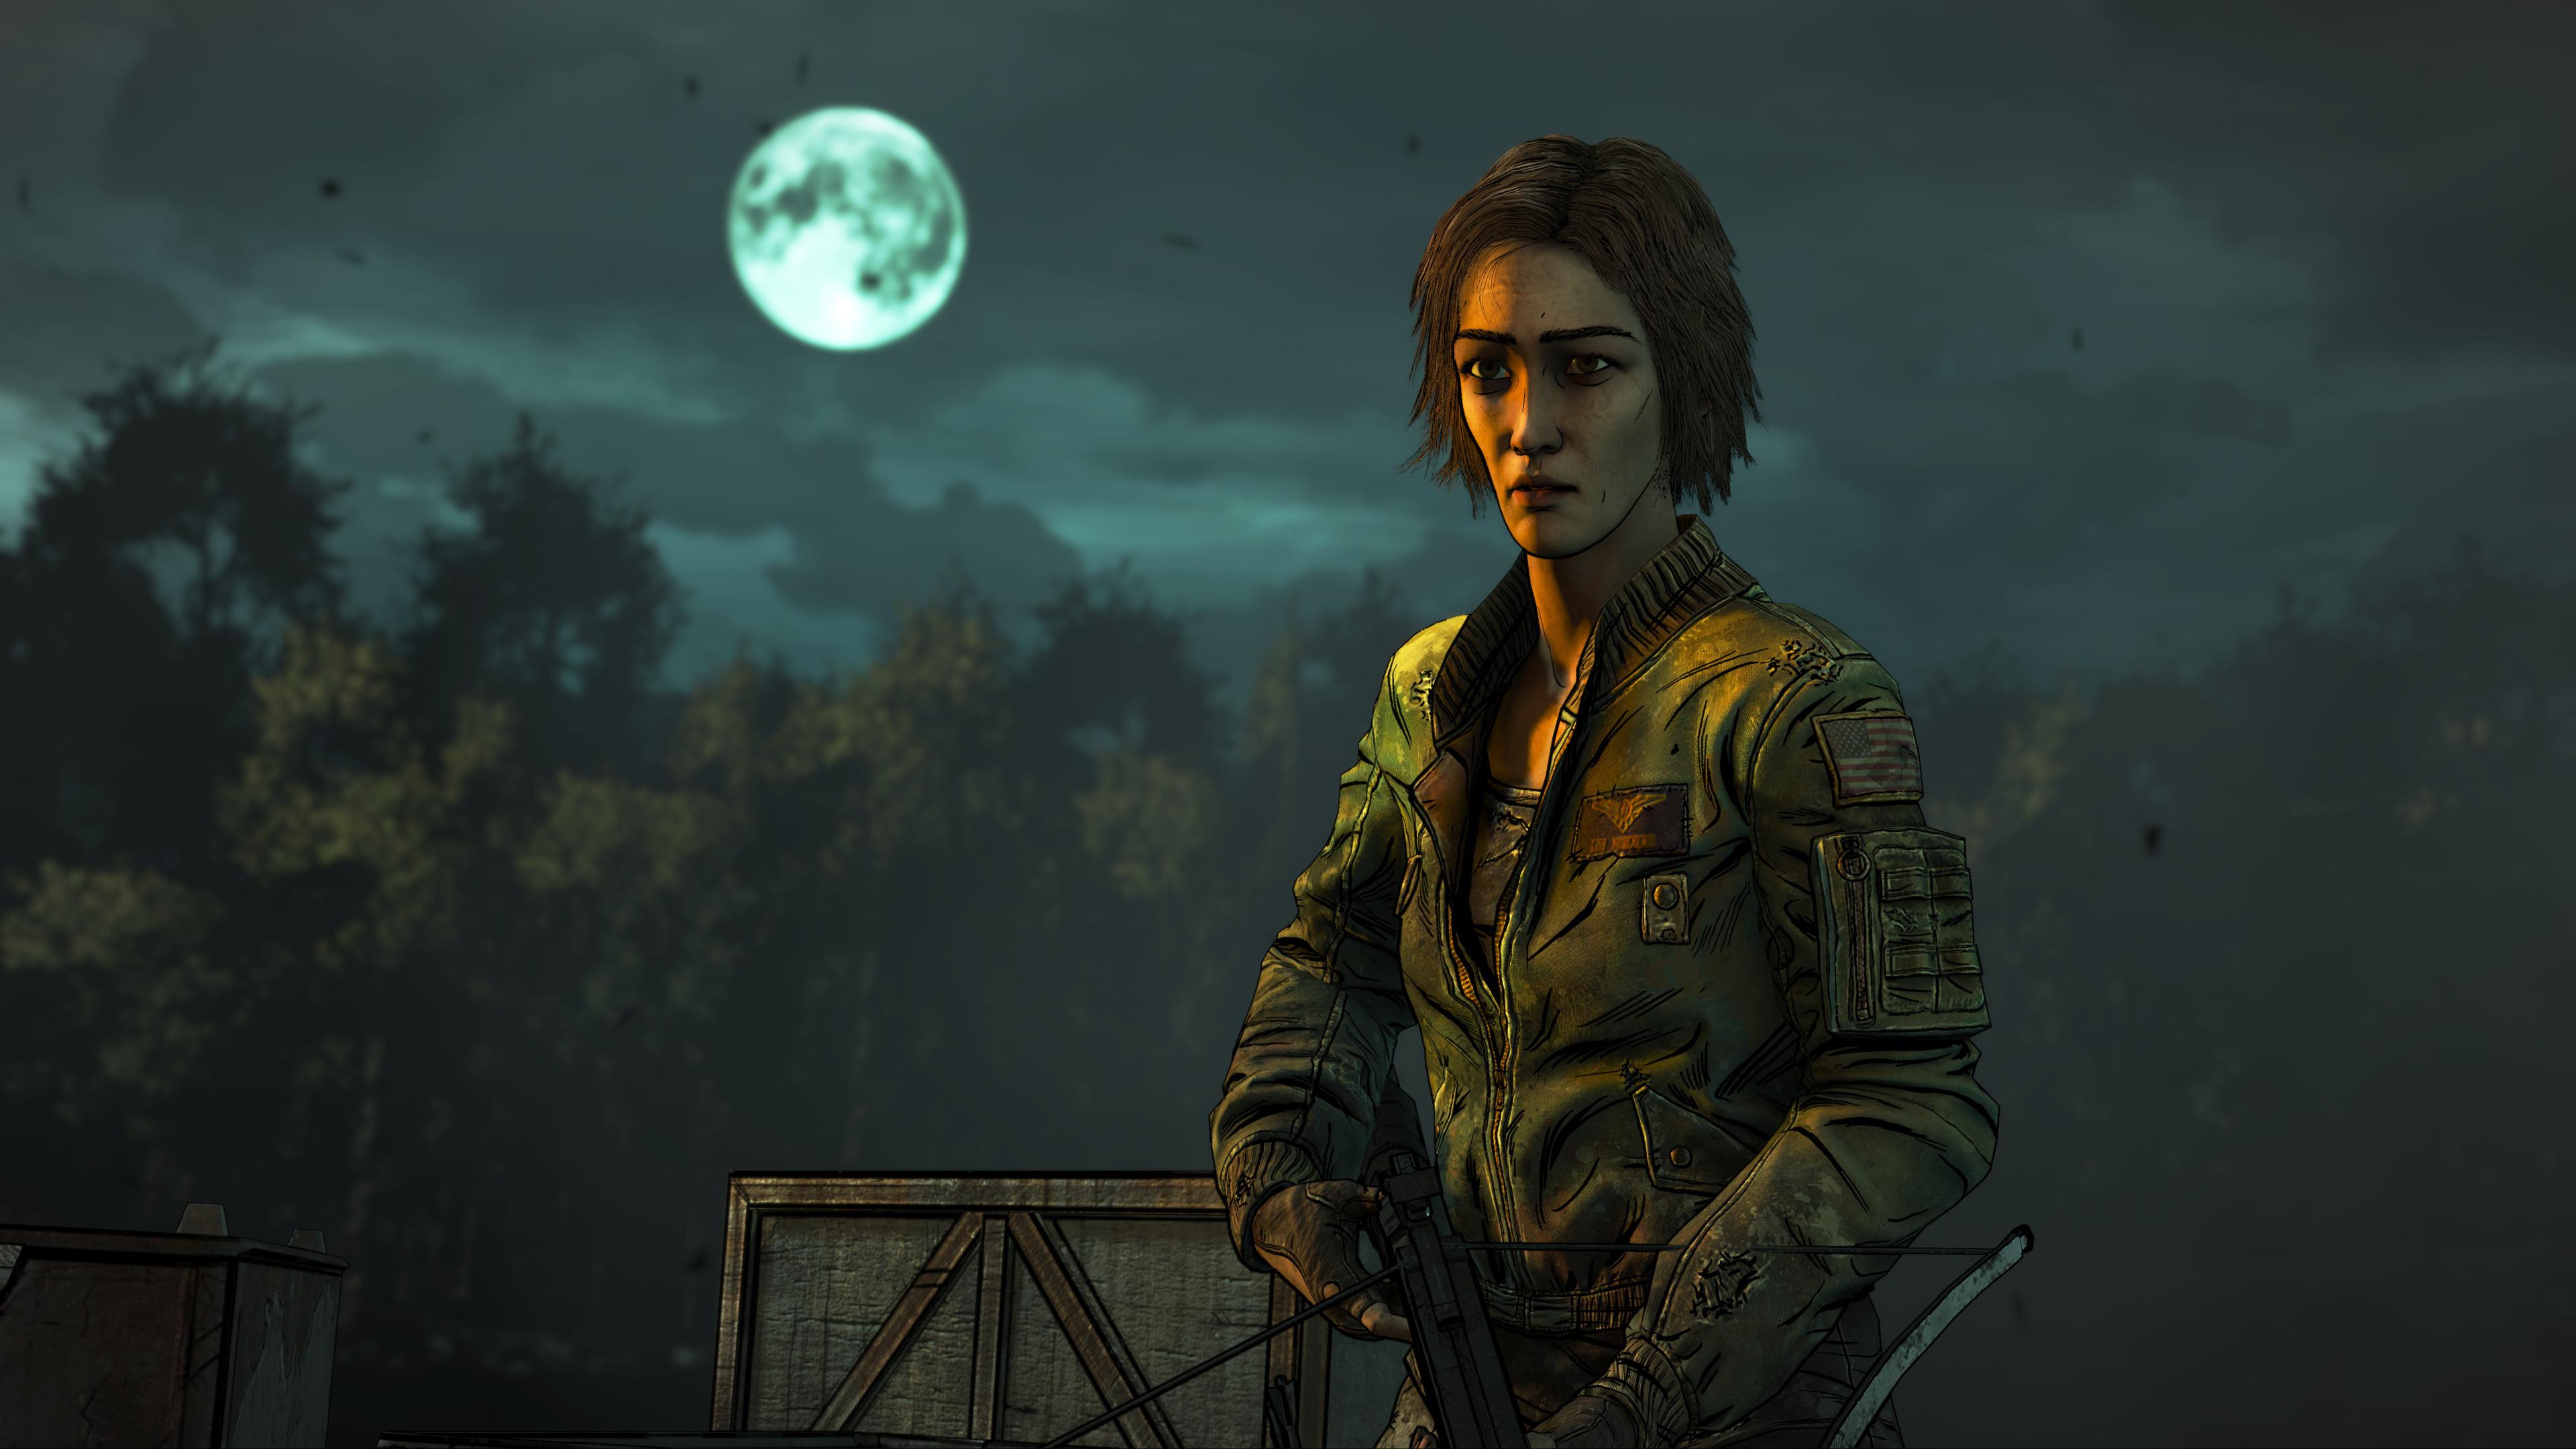 Wallpaper 4k The Walking Dead The Final Season 2019 4k 2019